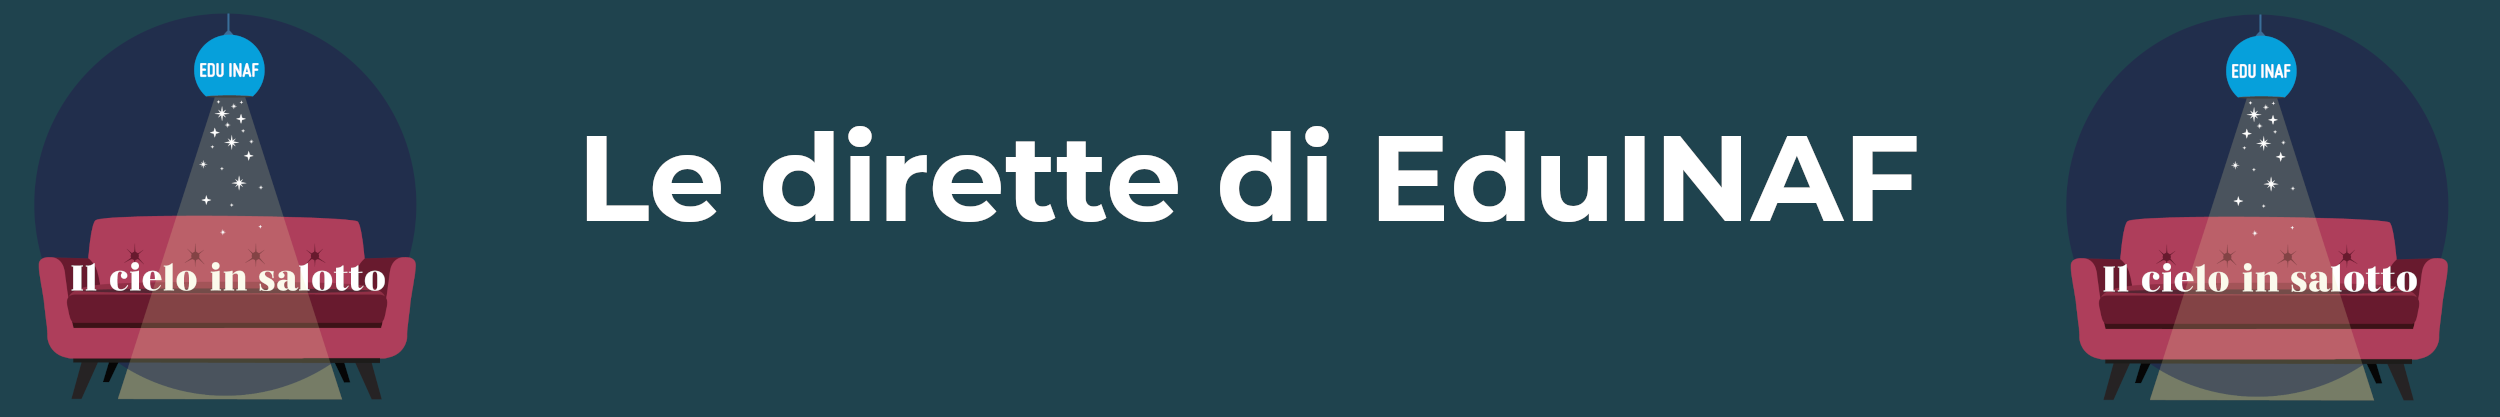 banner_dirette